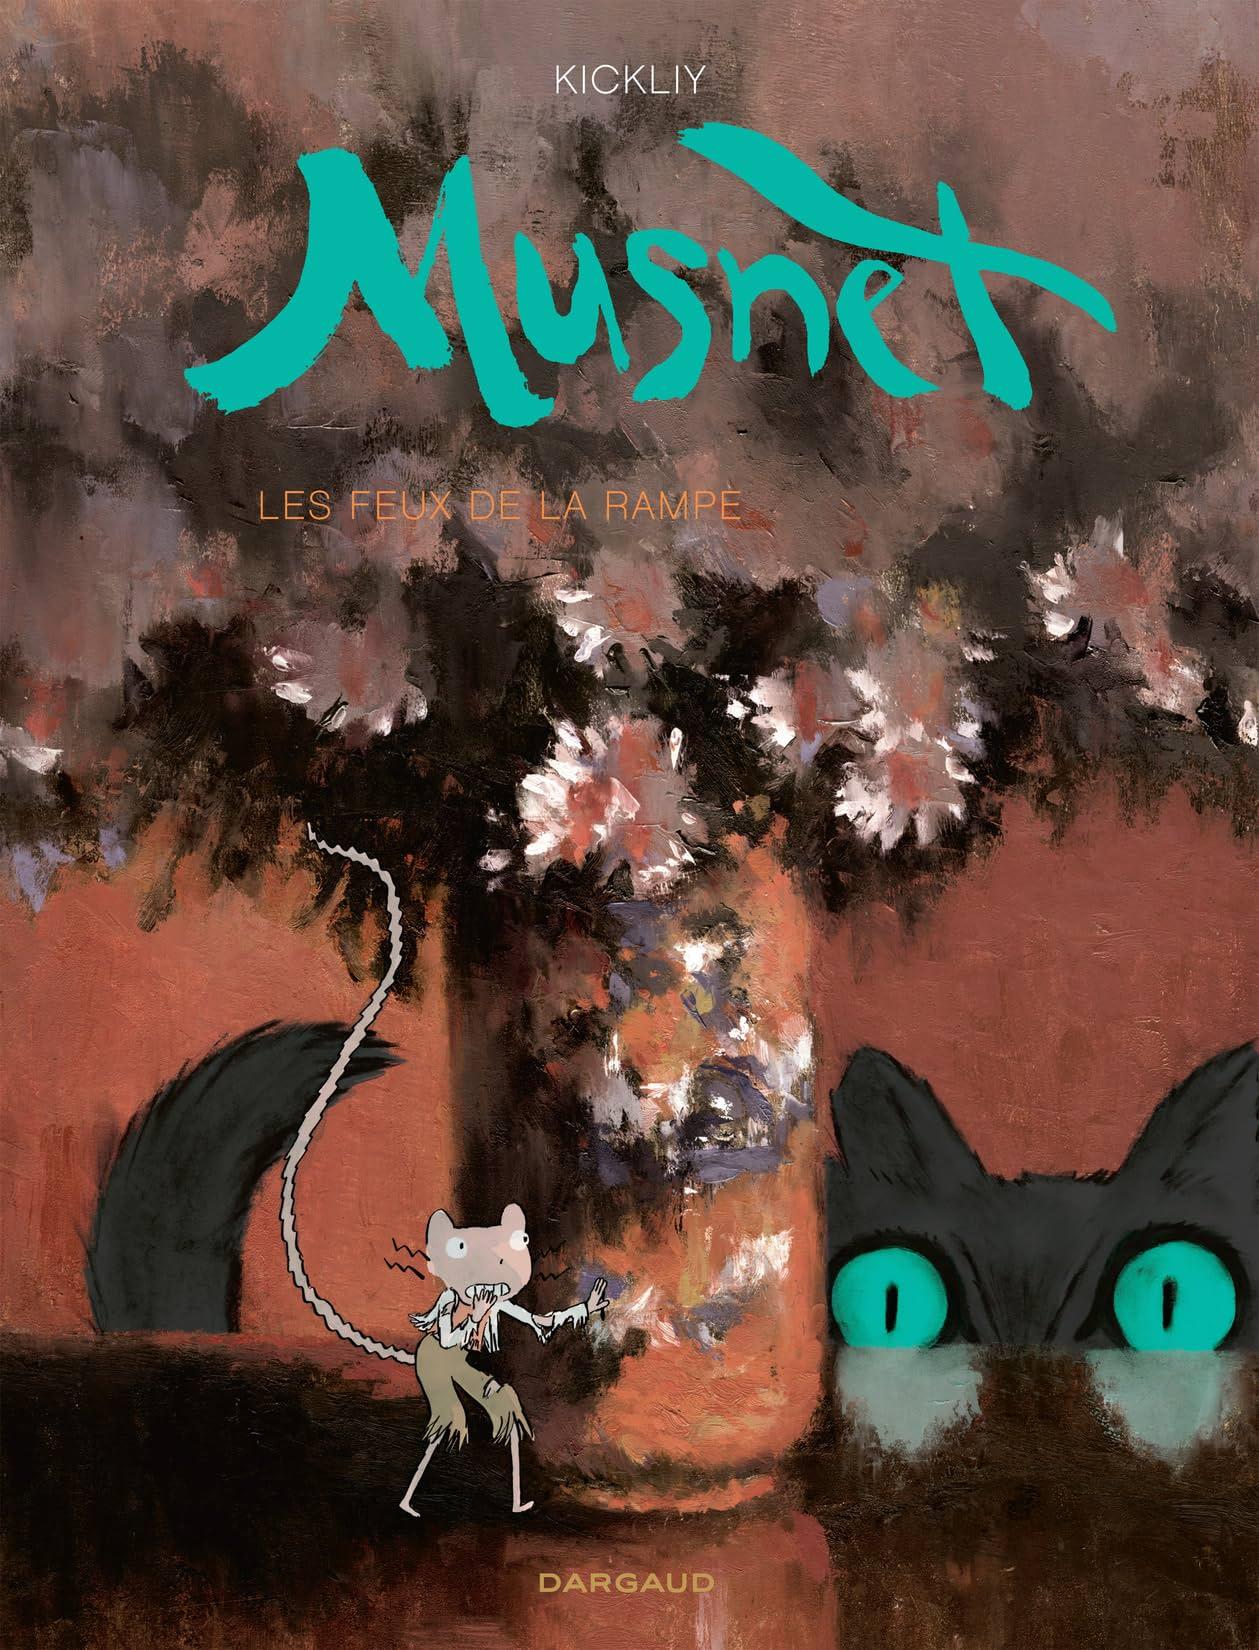 Musnet Vol. 3: Les feux de la rampe